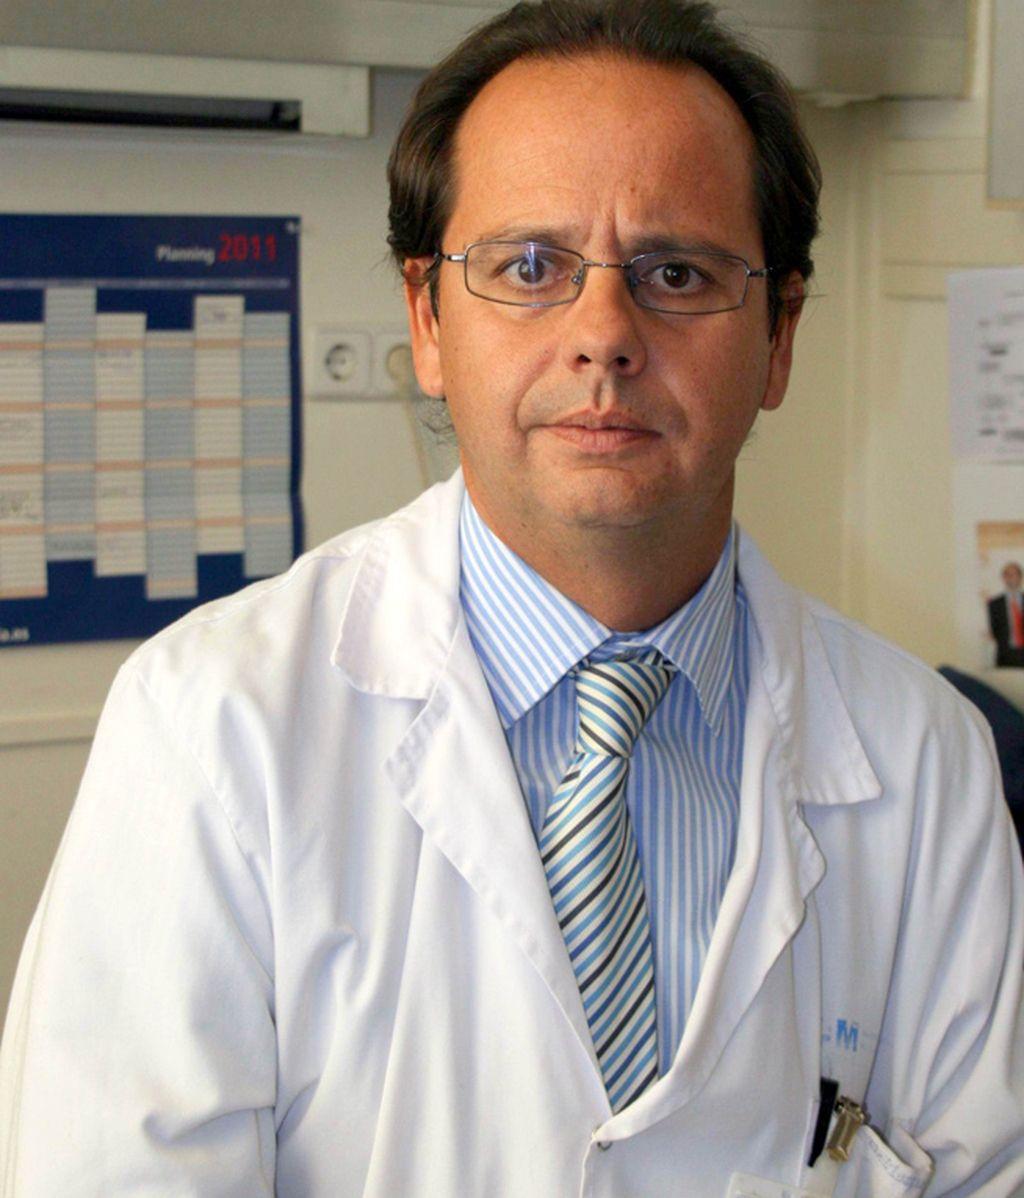 Dr. Jaime Masjuan